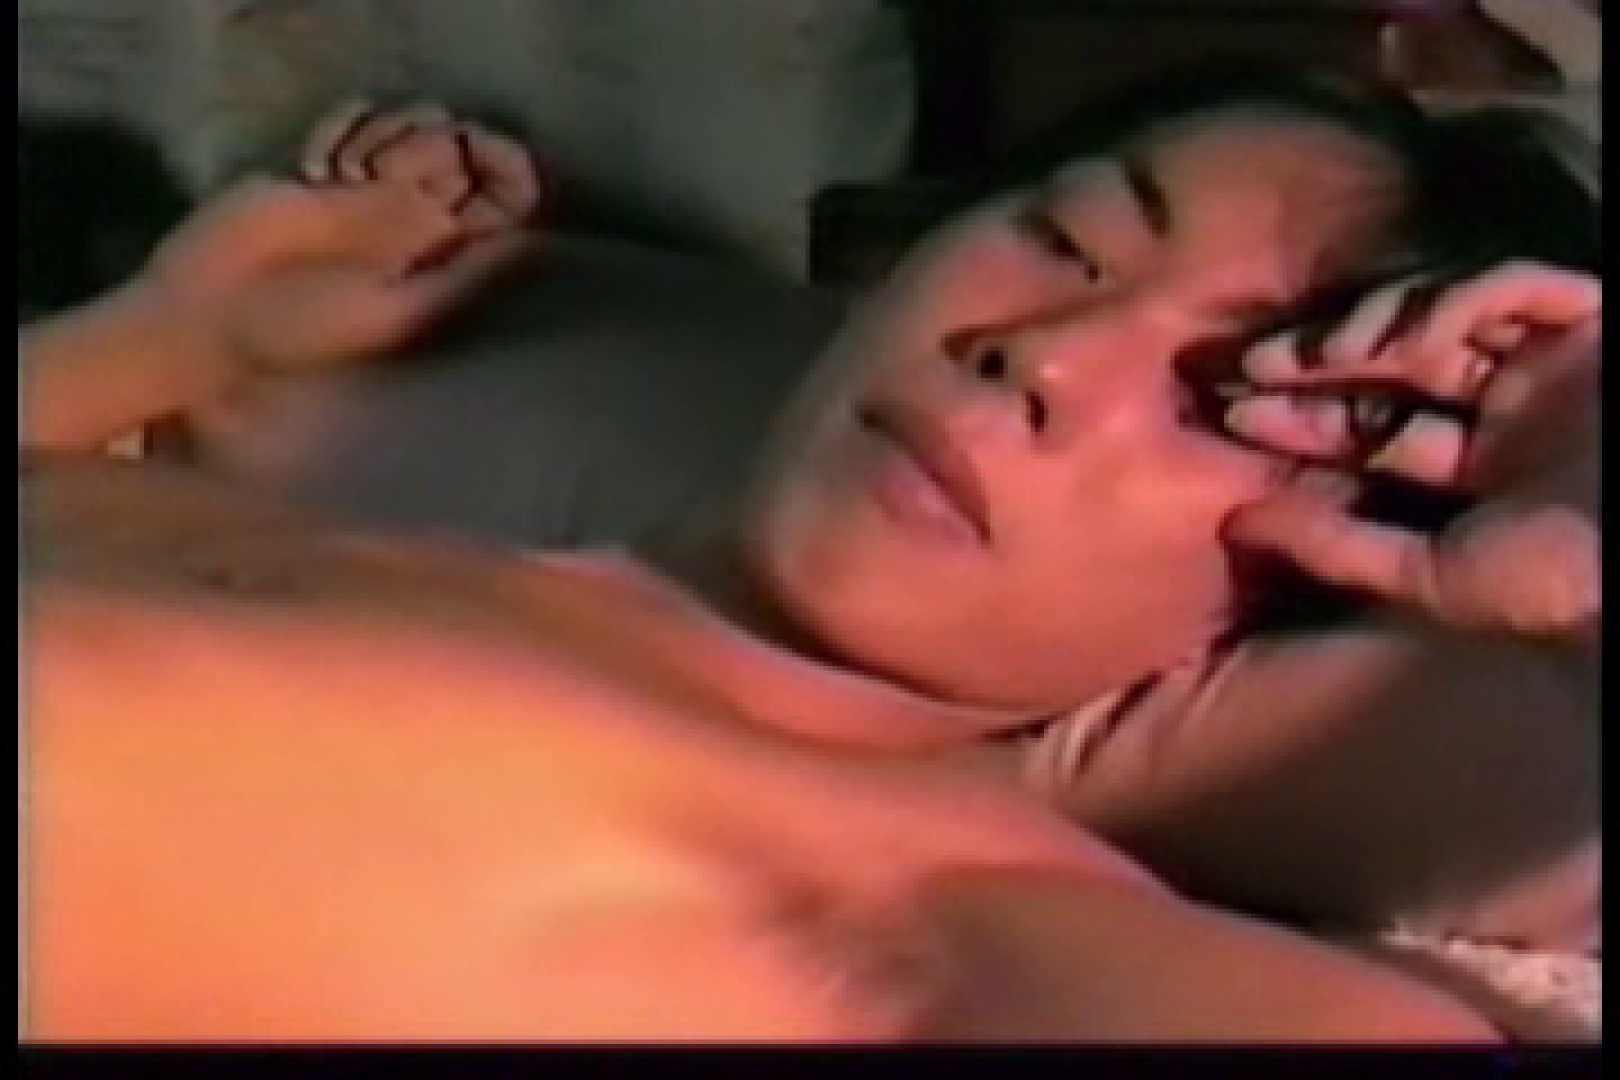 【個人製作】若き男子たちのジャム遊び オナニー ゲイエロ動画 65pic 28